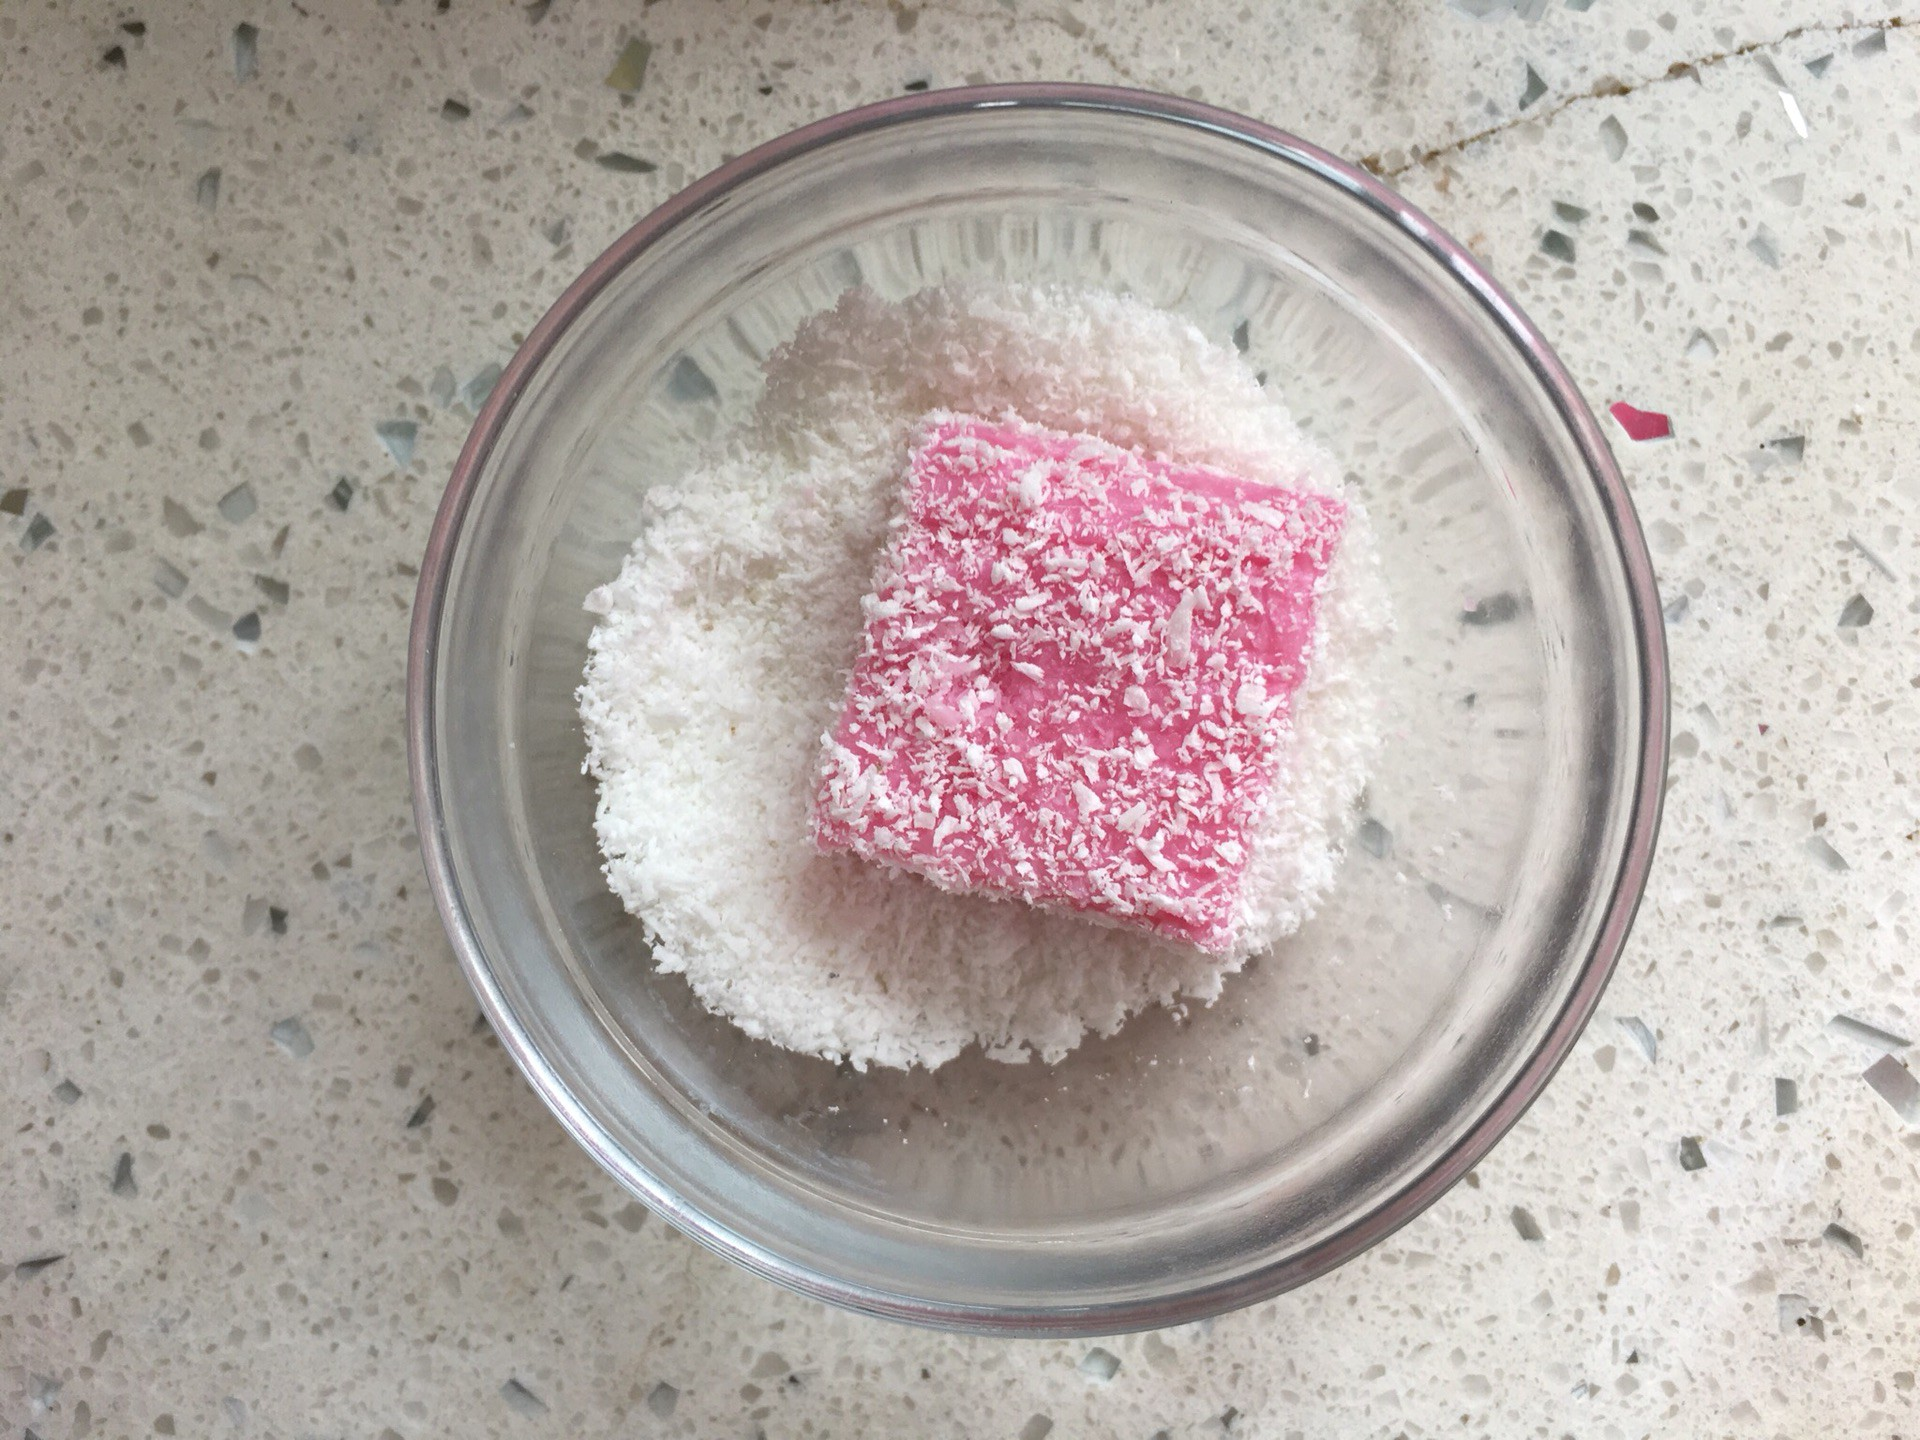 Diễn đàn rao vặt: Bánh thanh long mát lịm cách làm lại vô cùng dễ Yuan83054872c7bd5b27ddfc728fd908c0ee-15377699896241820751011